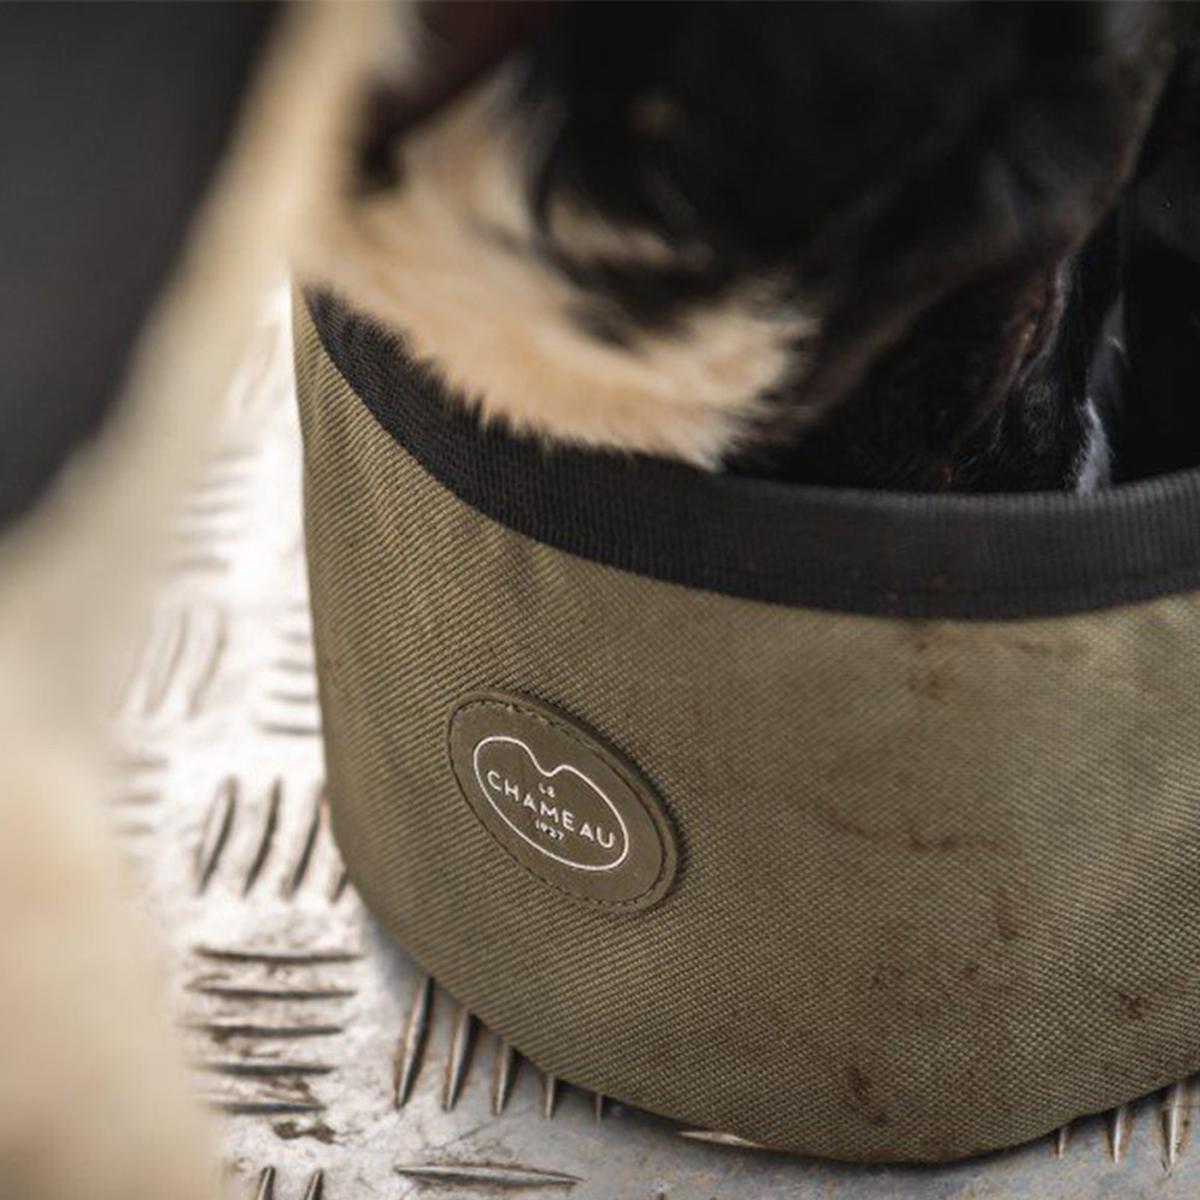 Le Chameau Portable Dog Bowl – Vert Chameau